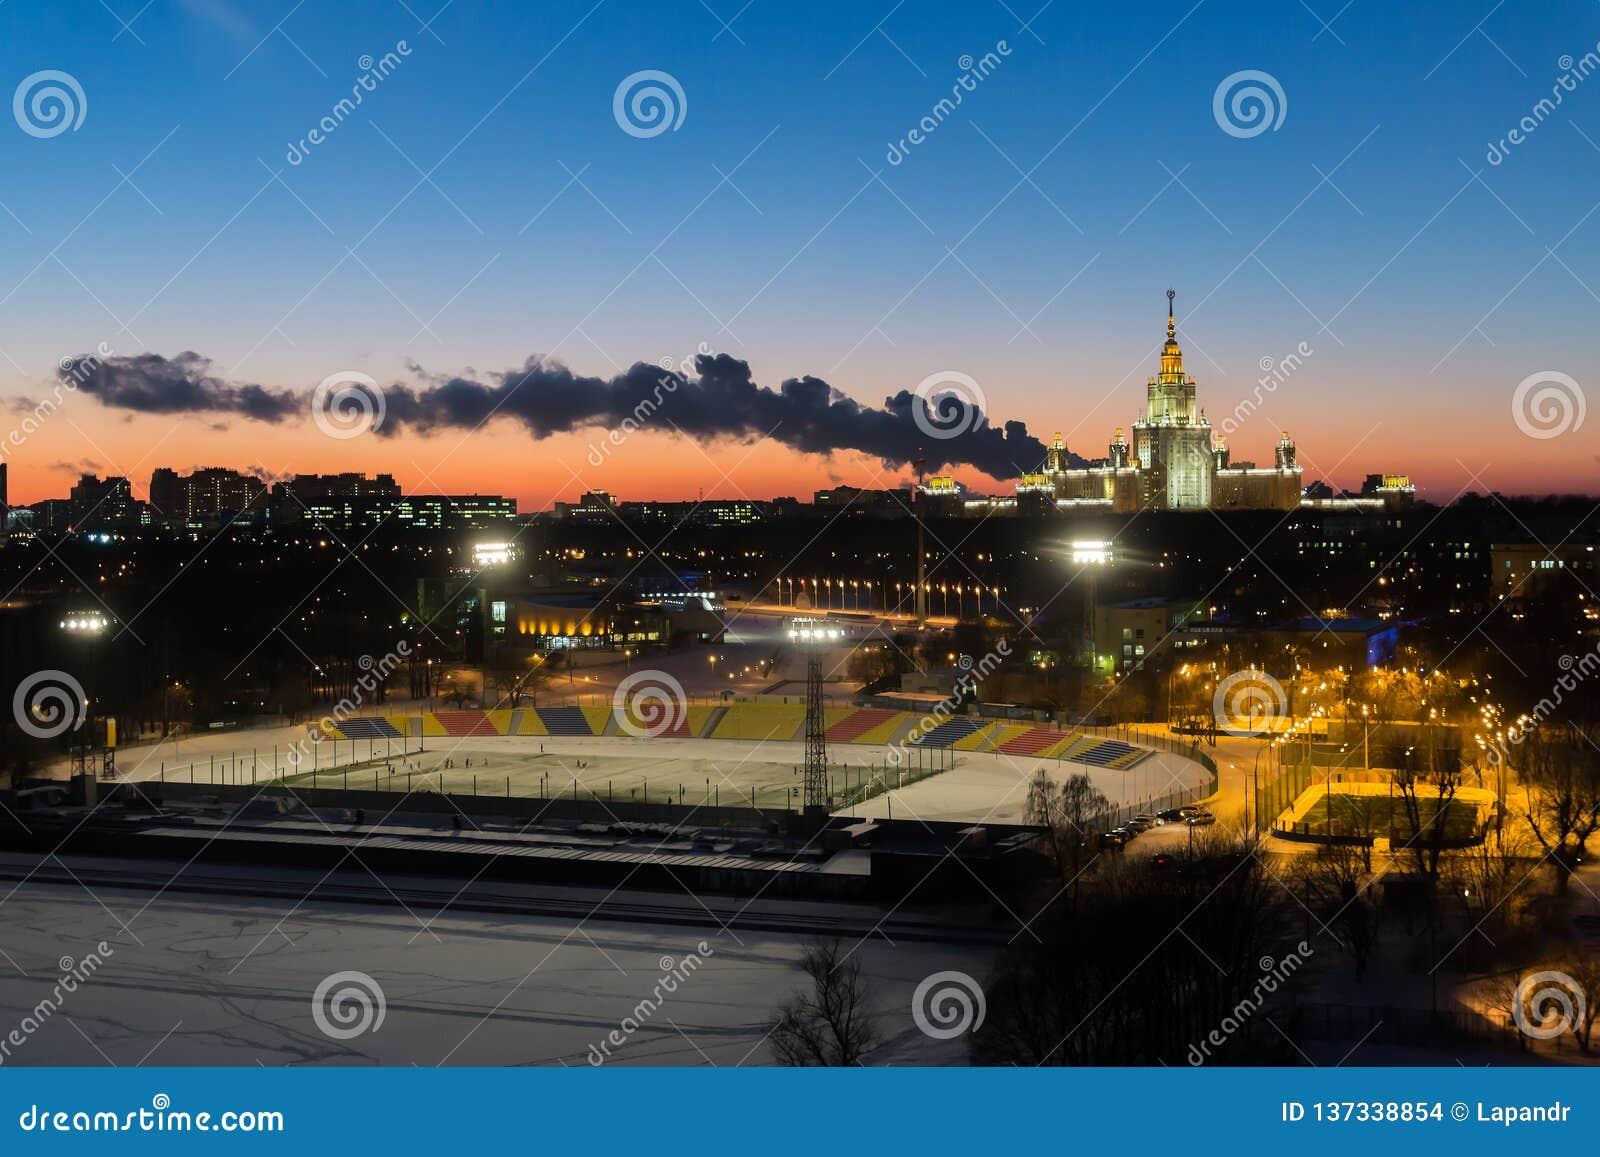 Tyck om varje ögonblick av ditt liv Moskvadelstatsuniversitet och stadion